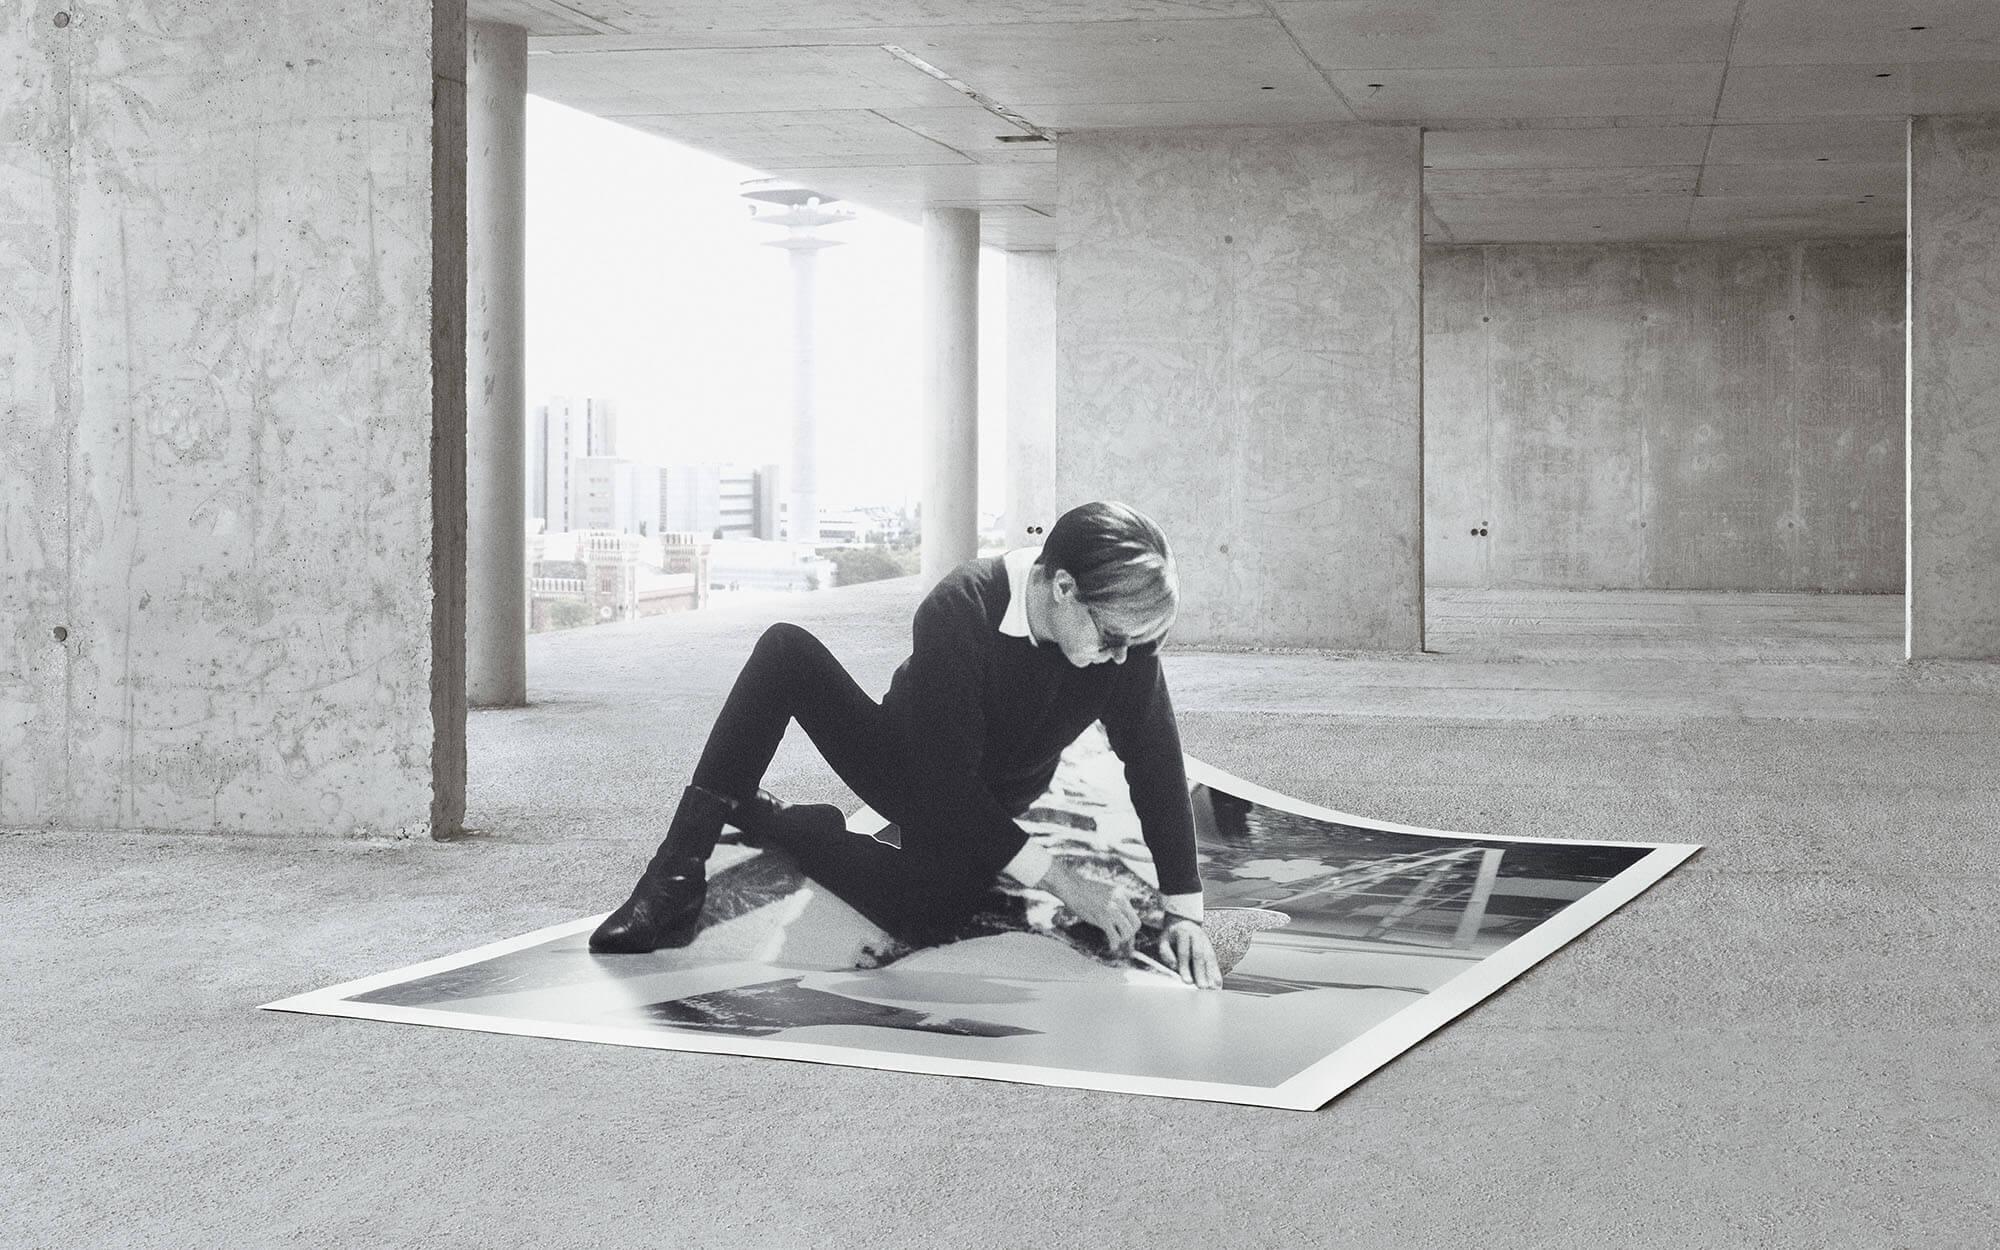 Gregor-Eggenberger-Set-Up-2019